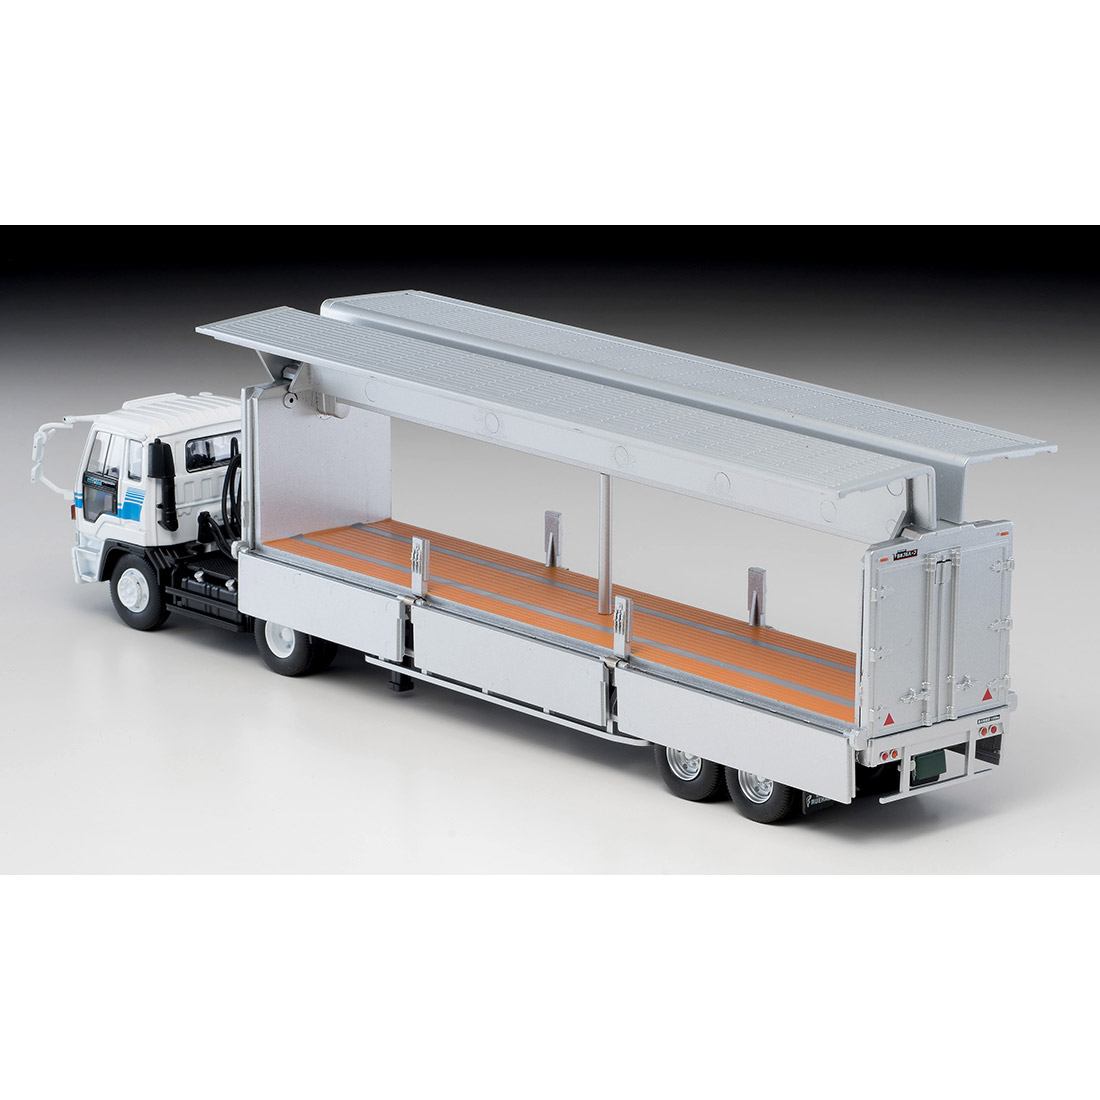 トミカリミテッド ヴィンテージ ネオ TLV-NEO『LV-N211a いすゞ810EX ウイングルーフトレーラ』ミニカー-009